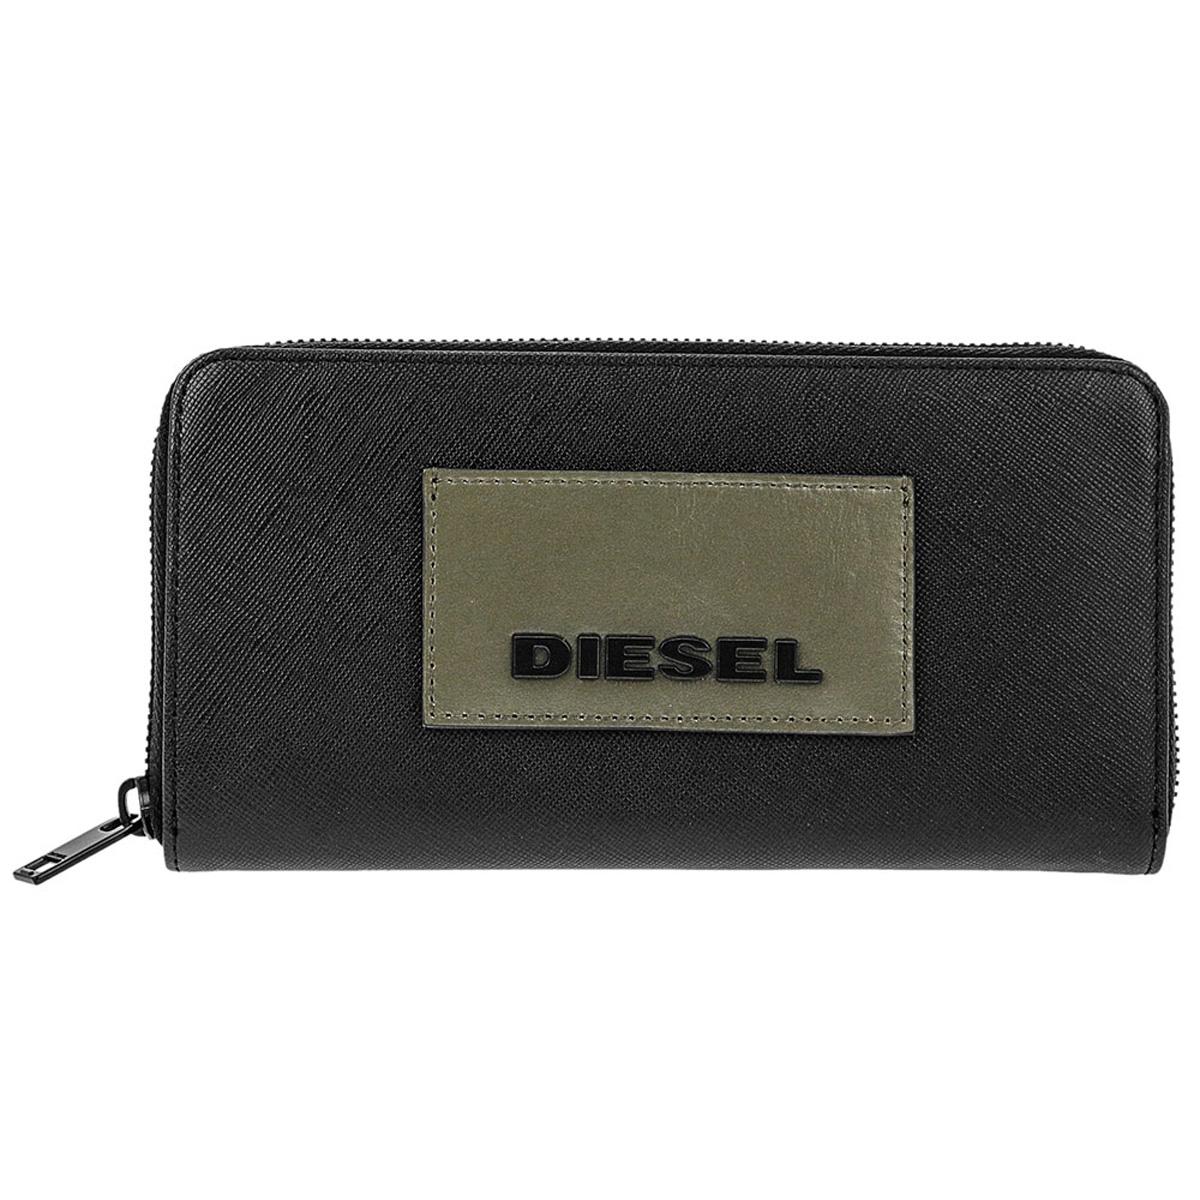 ディーゼル DIESEL 財布 X06307 P0517 T8013 24 ZIP 小銭入れ付き ラウンドファスナー 長財布 BLACK ブラック+カーキグリーン系